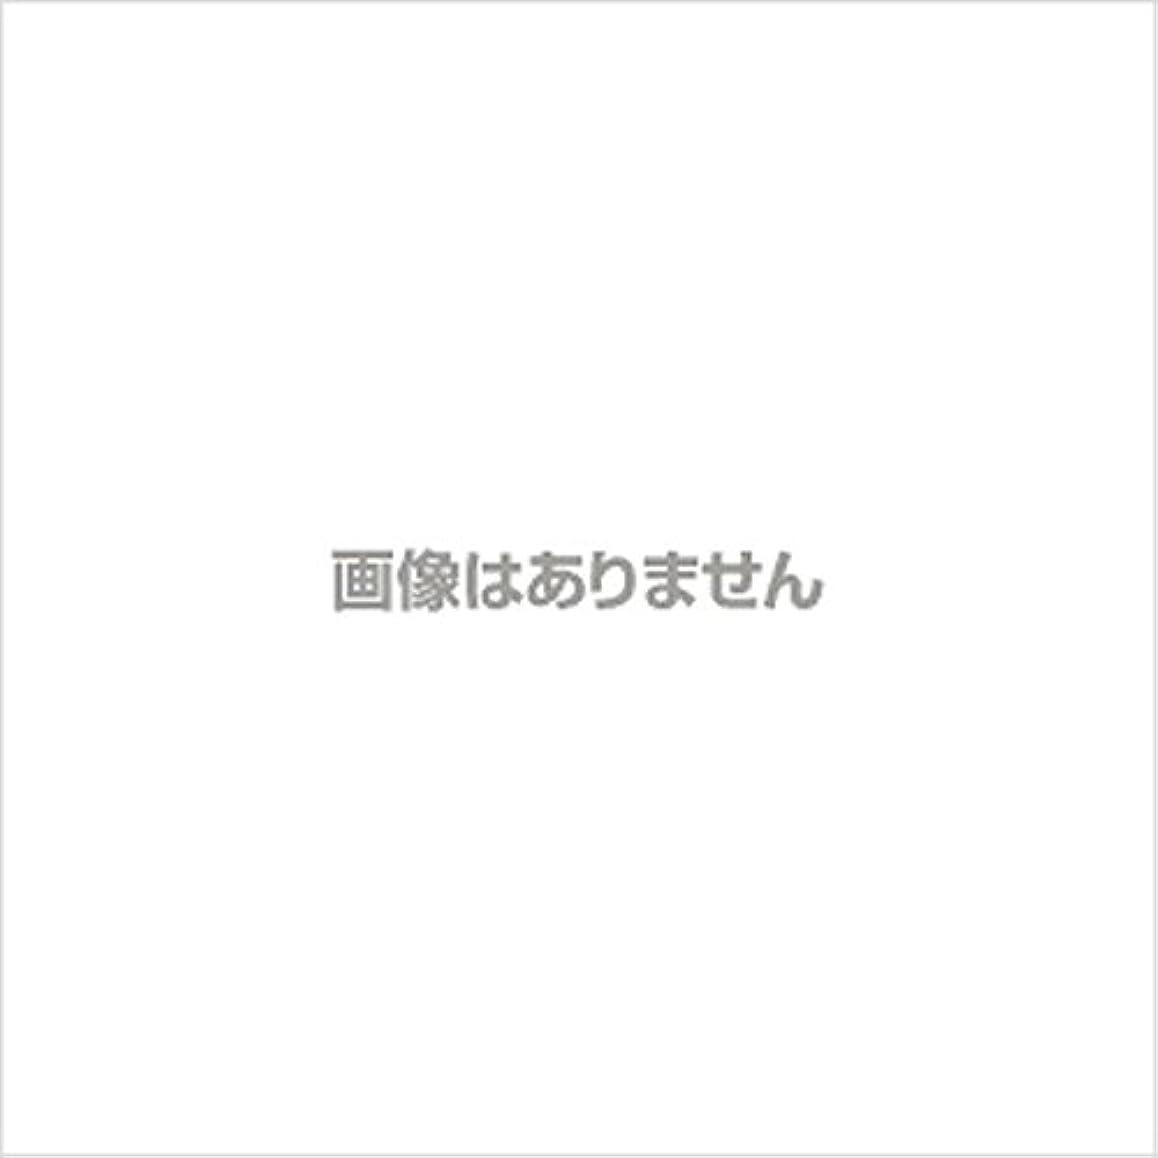 鉛筆卑しい新鮮な【新発売】EBUKEA エブケアNO1002 プラスチックグローブ(粉付)Mサイズ 100枚入(極薄?半透明)